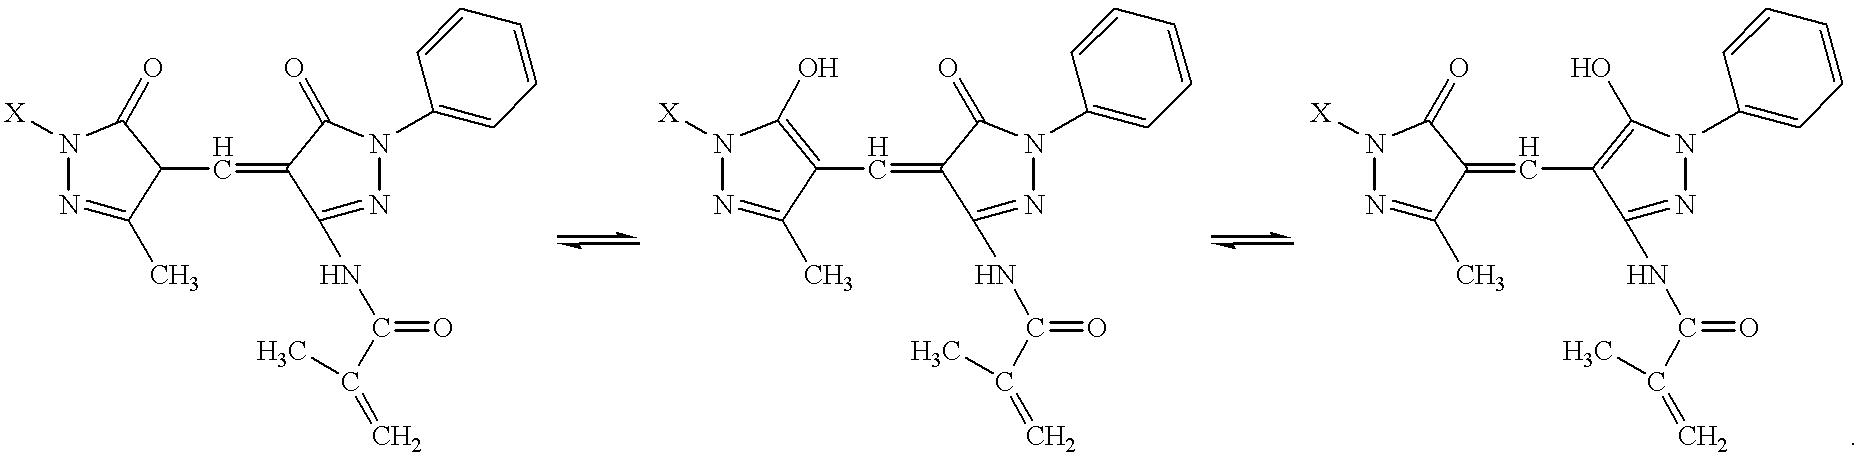 Figure US06310215-20011030-C00011